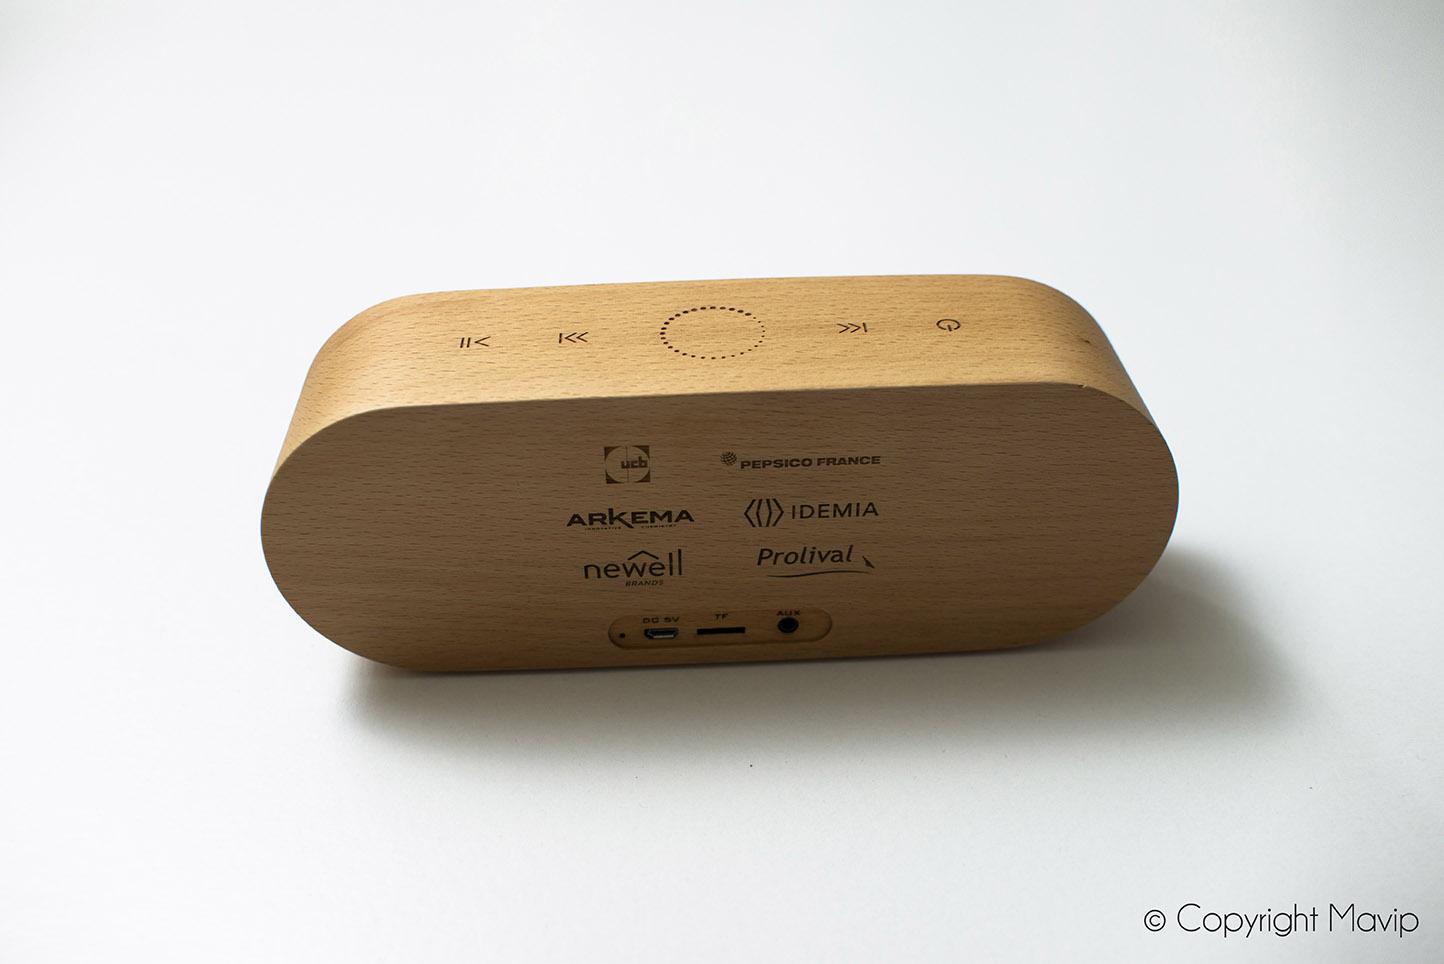 Enceinte en bois personnalisable avec logo d'entreprise